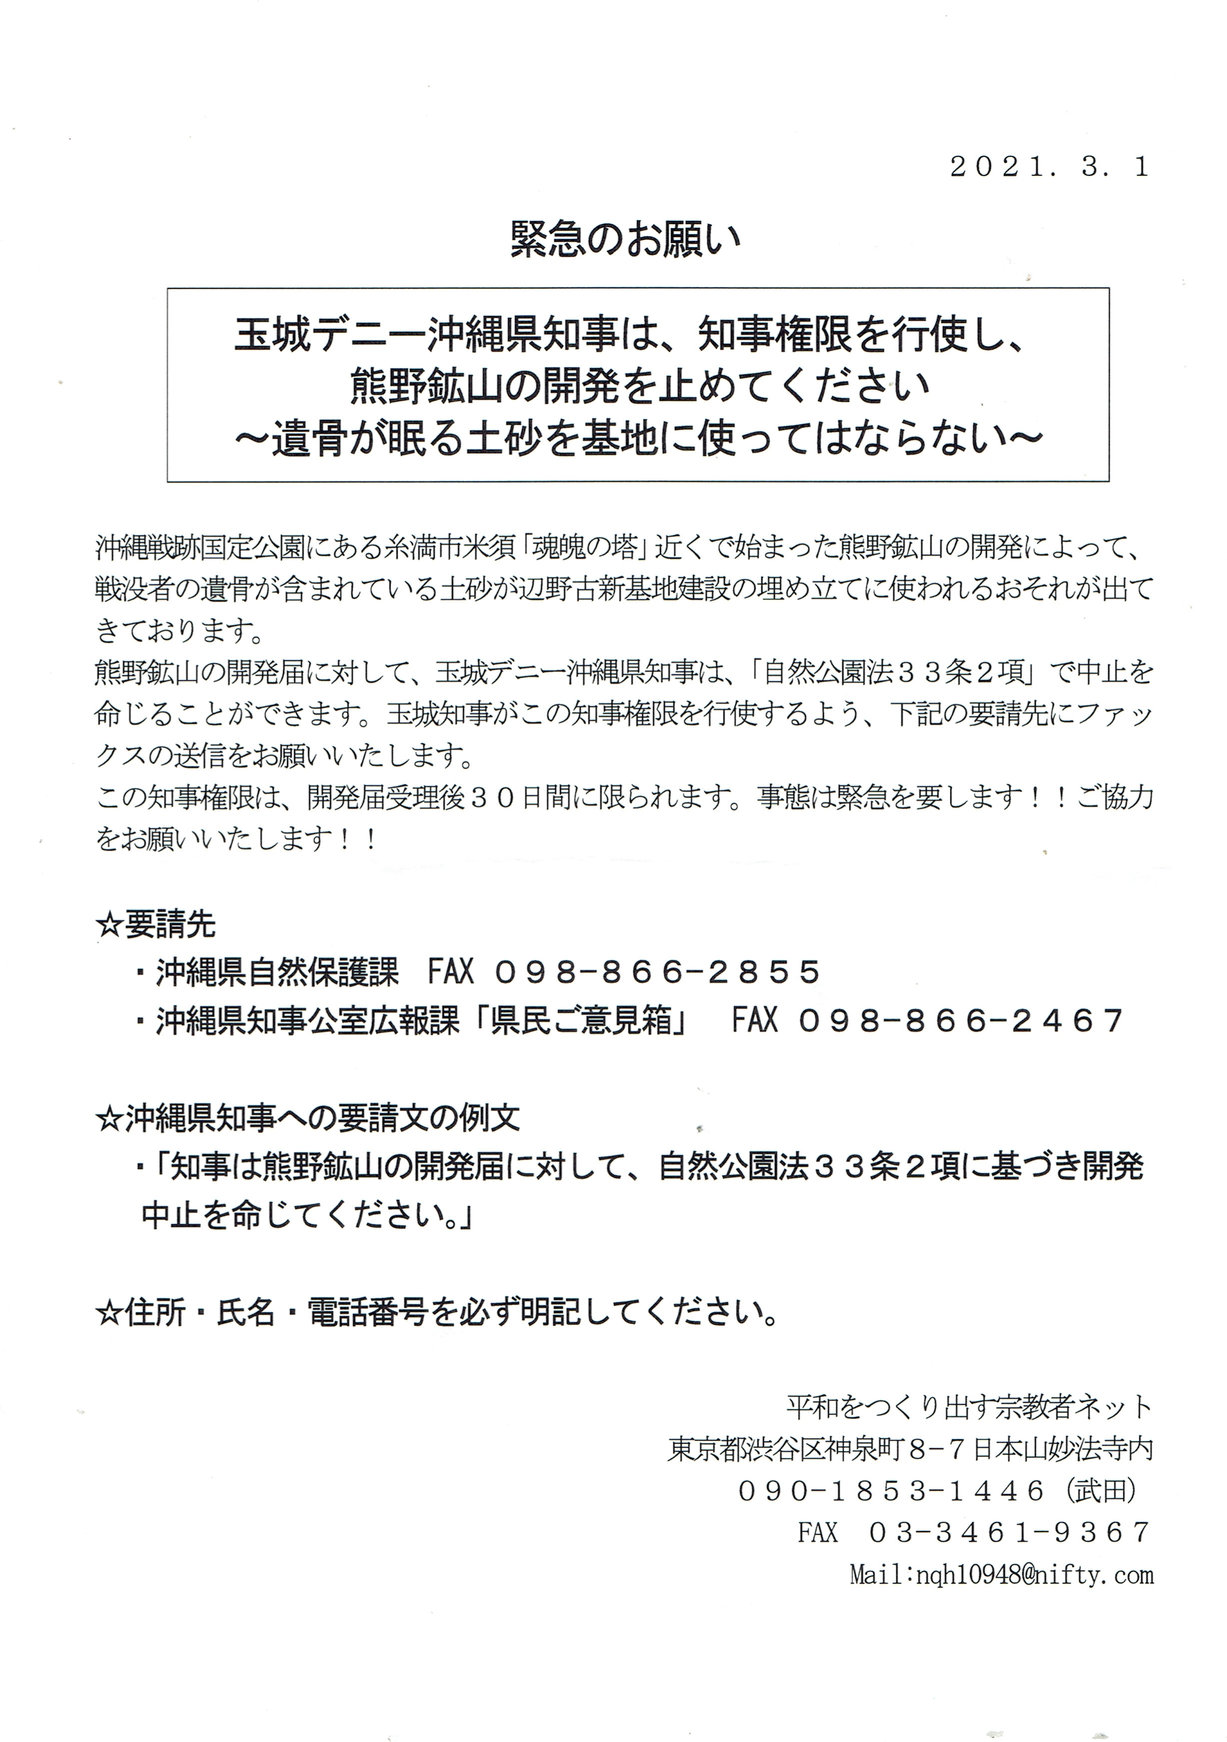 緊急のお願い2021 0301[1]